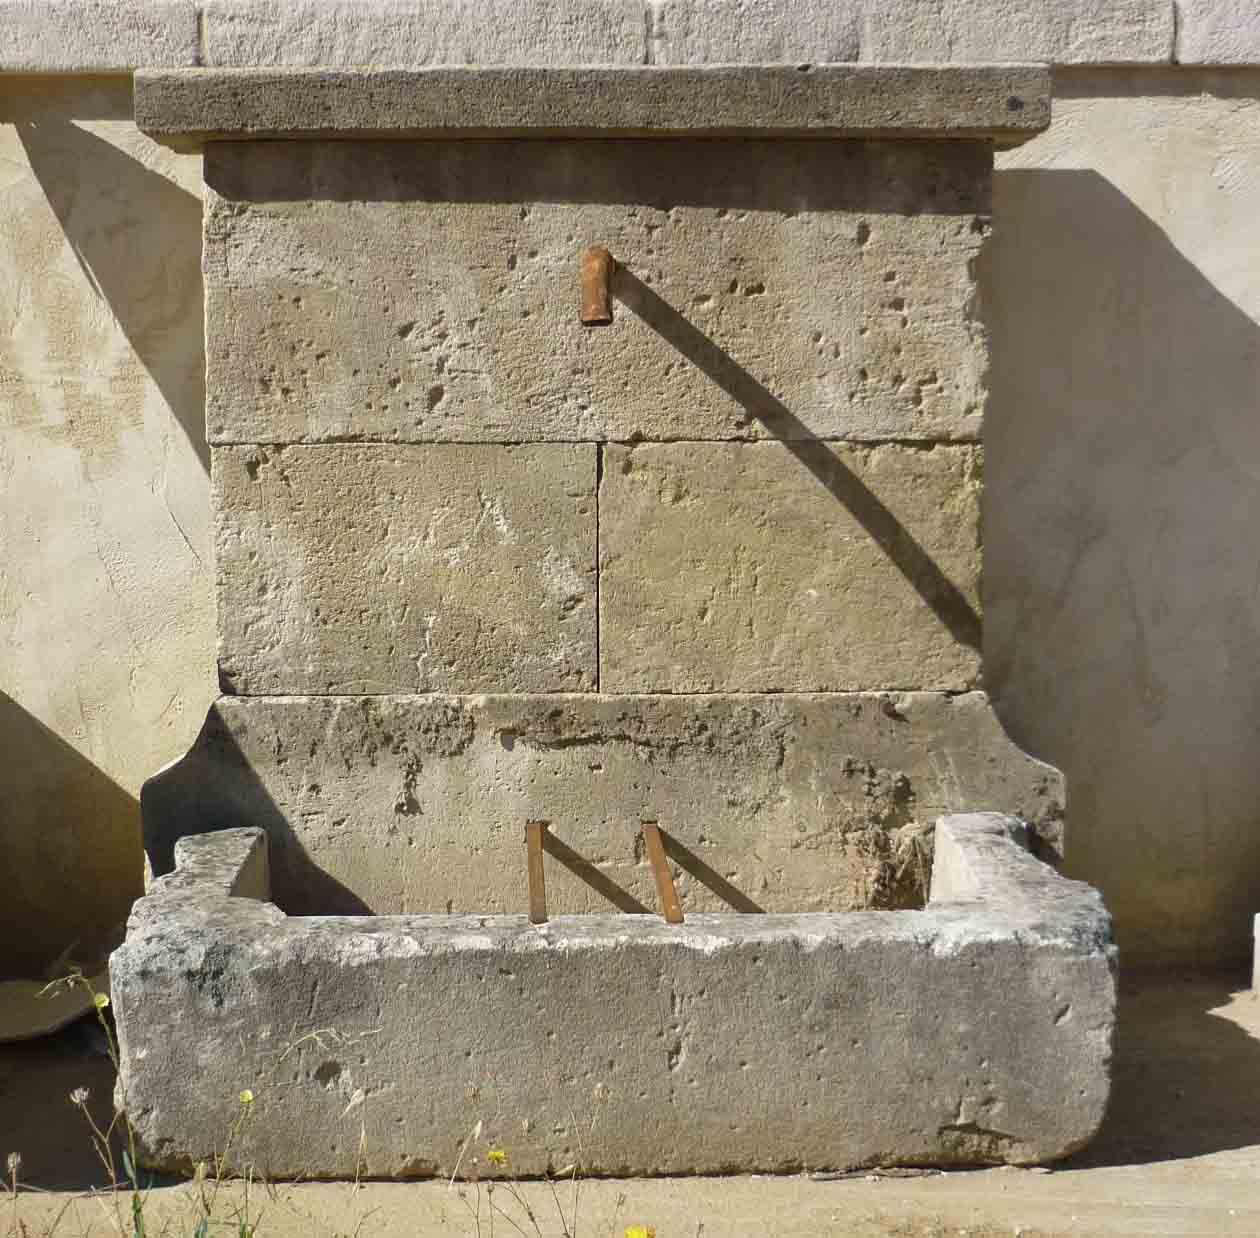 Fontaine en vieilles pierres les mat riaux anciens jean chabaud for Fontaine de jardin en pierre ancienne